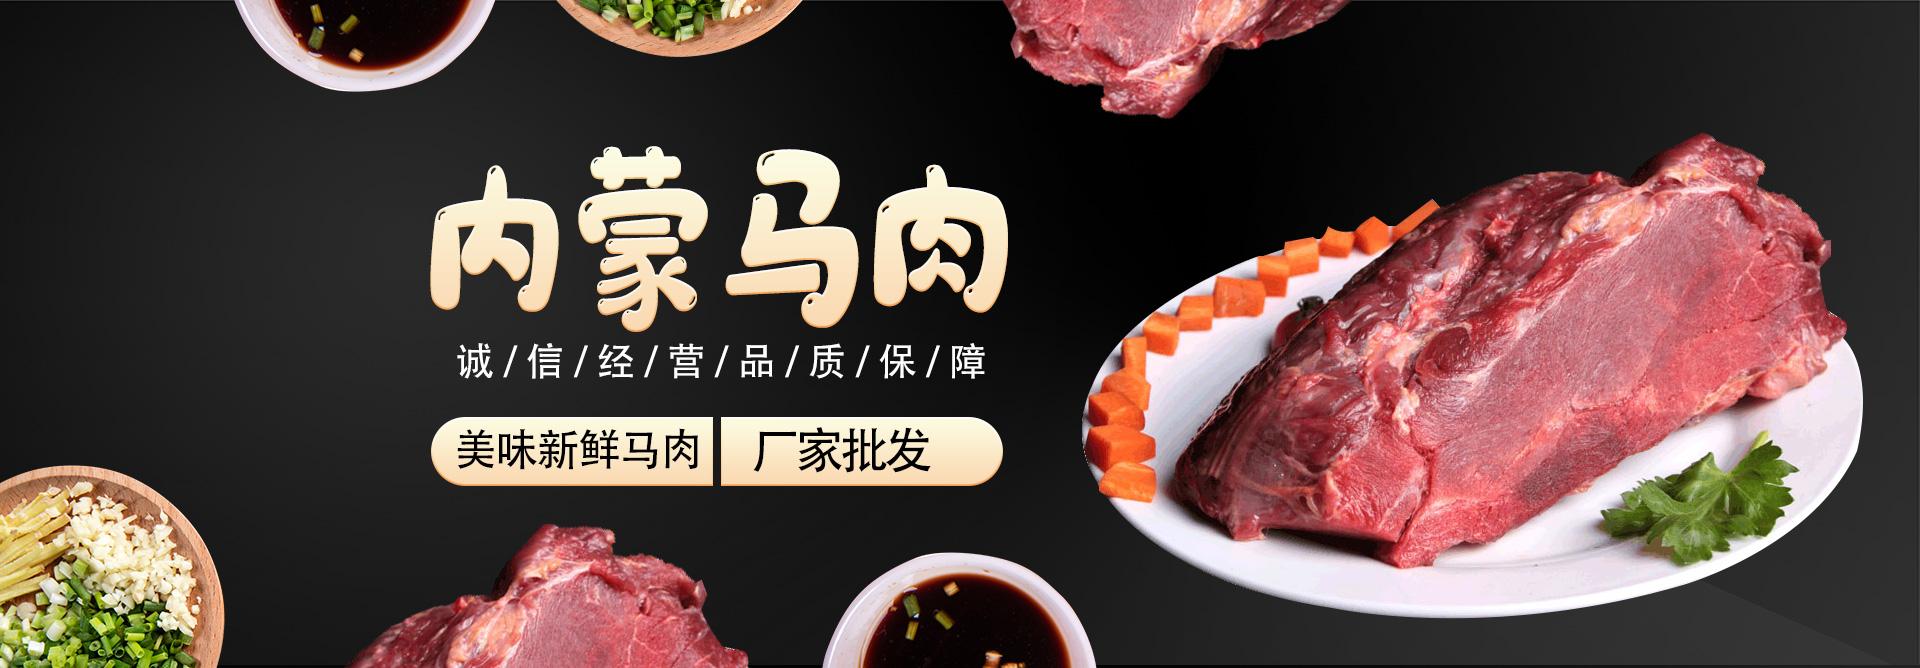 蒙古熟羊肉